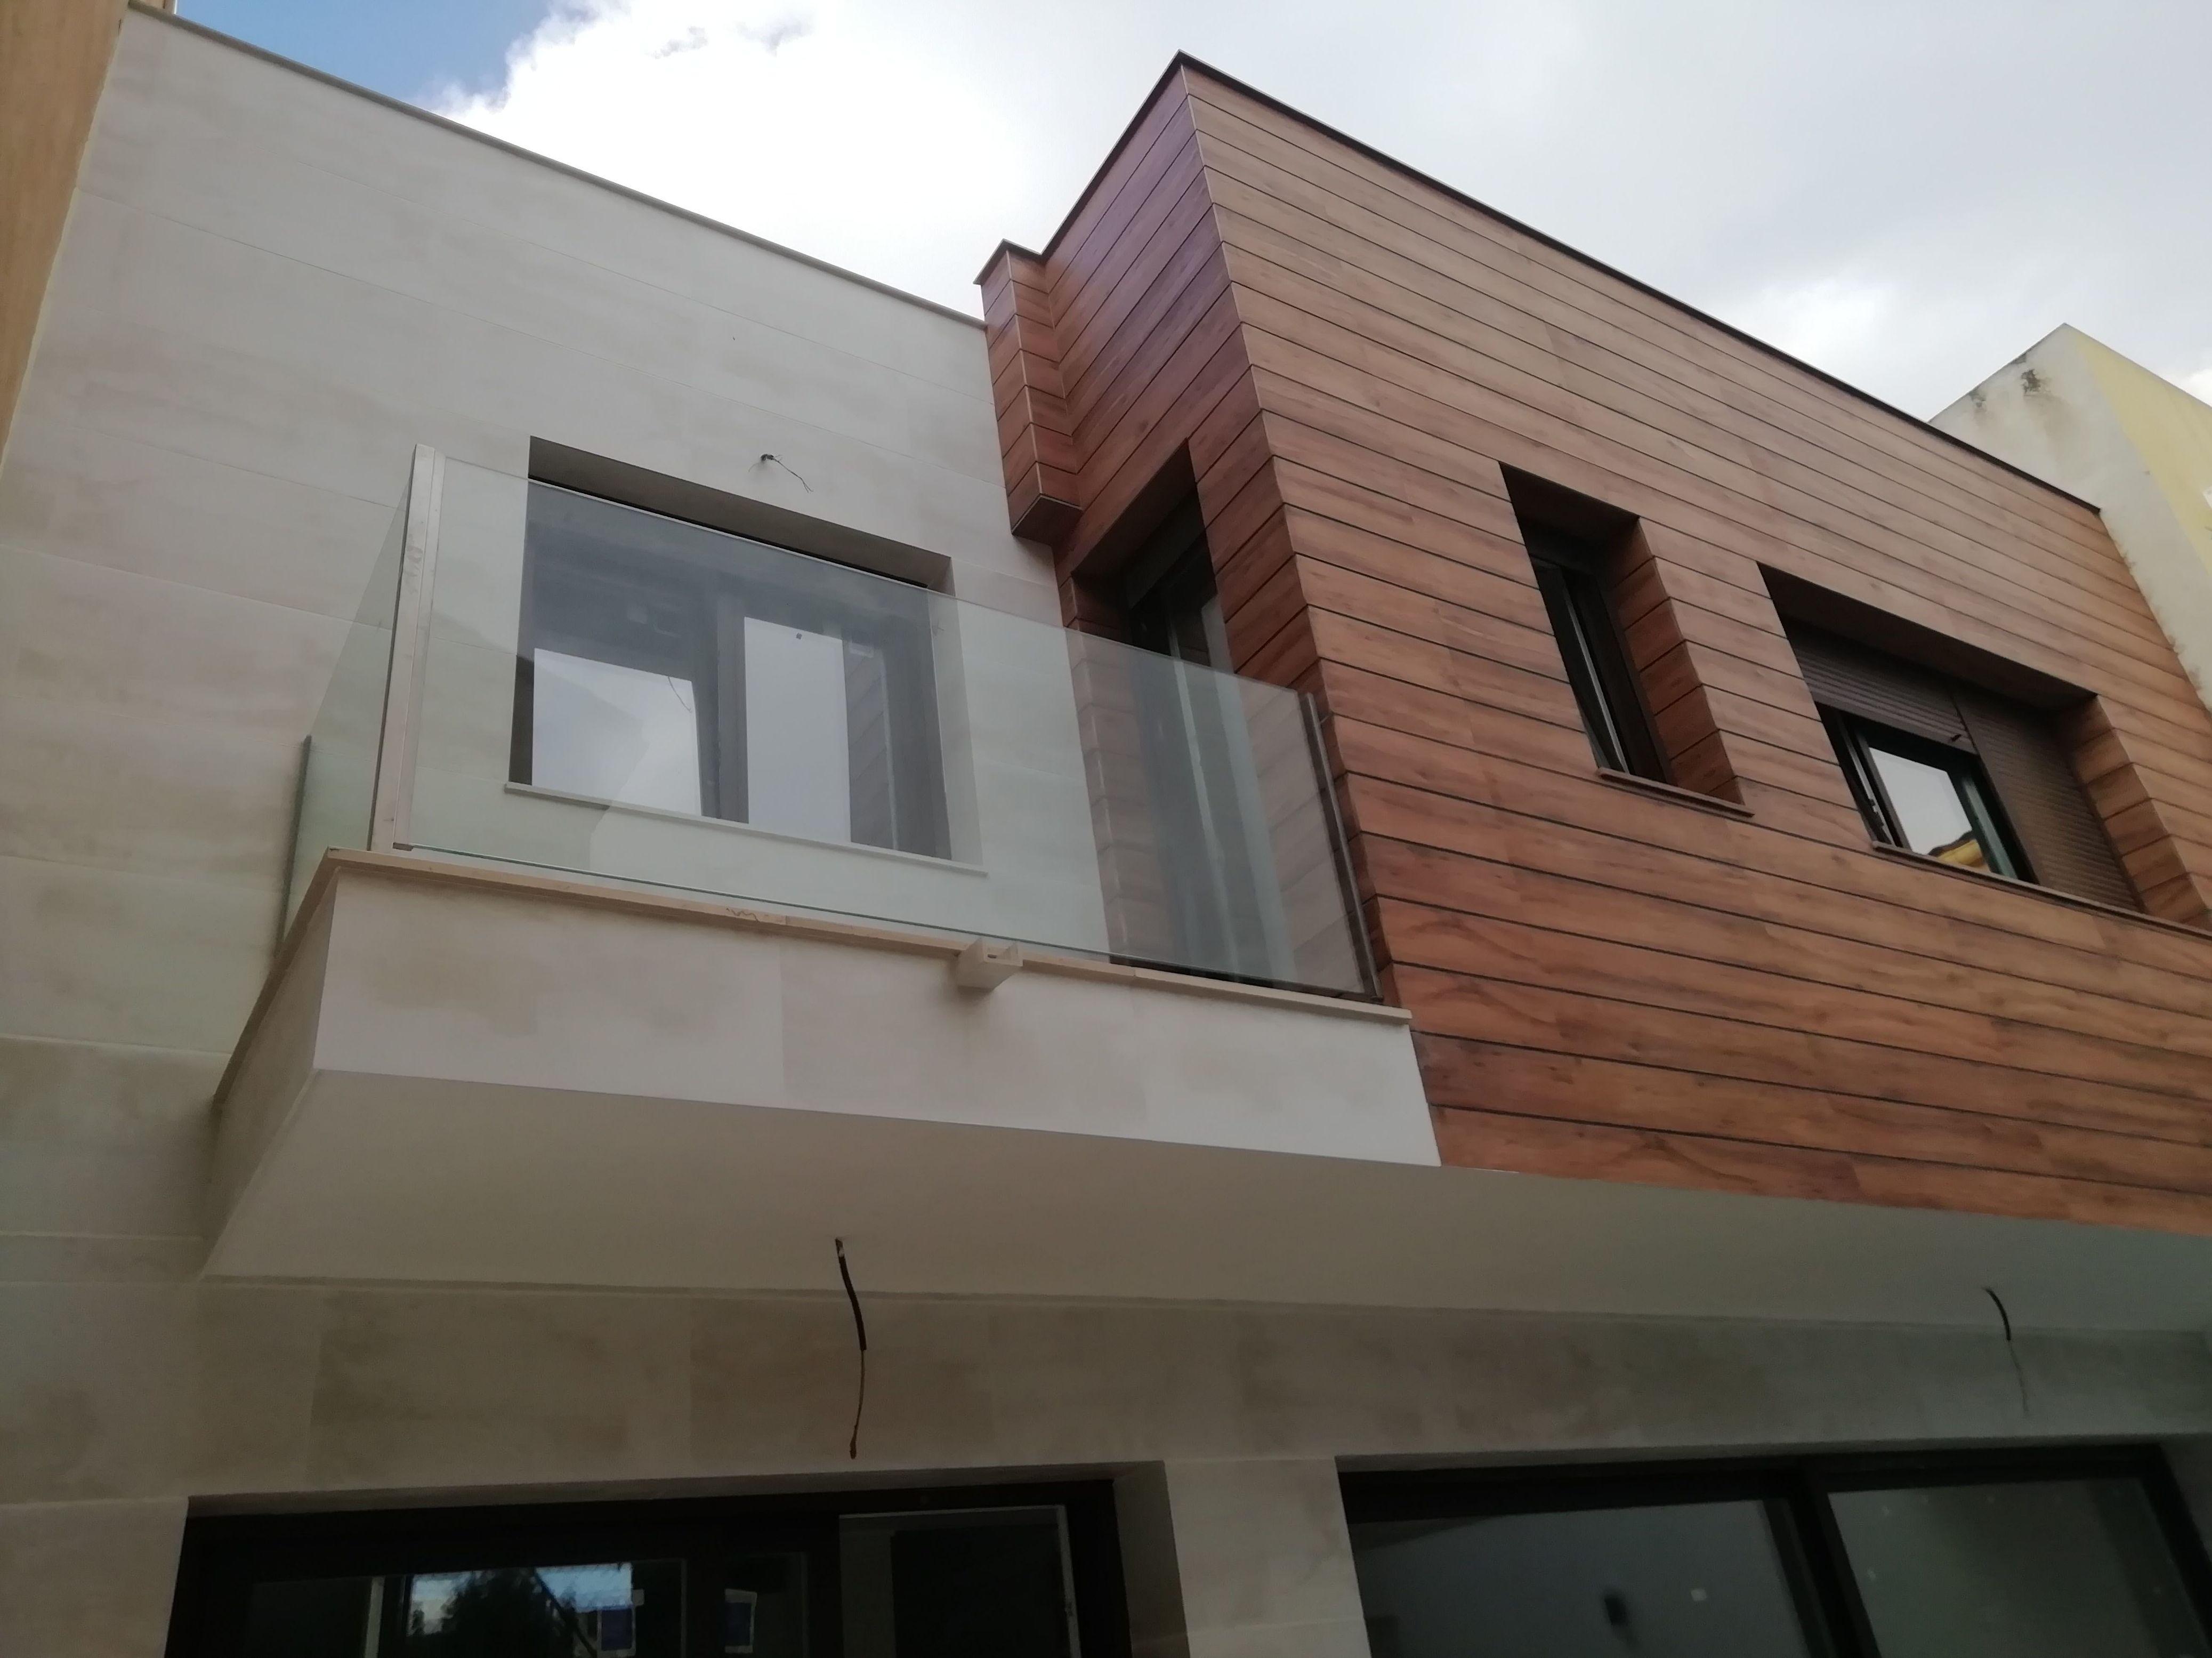 Seredacon, Vivienda Nueva  <<Unifamiliar entre medianeras>> vista fachada patio interior de aplacado mecanizado